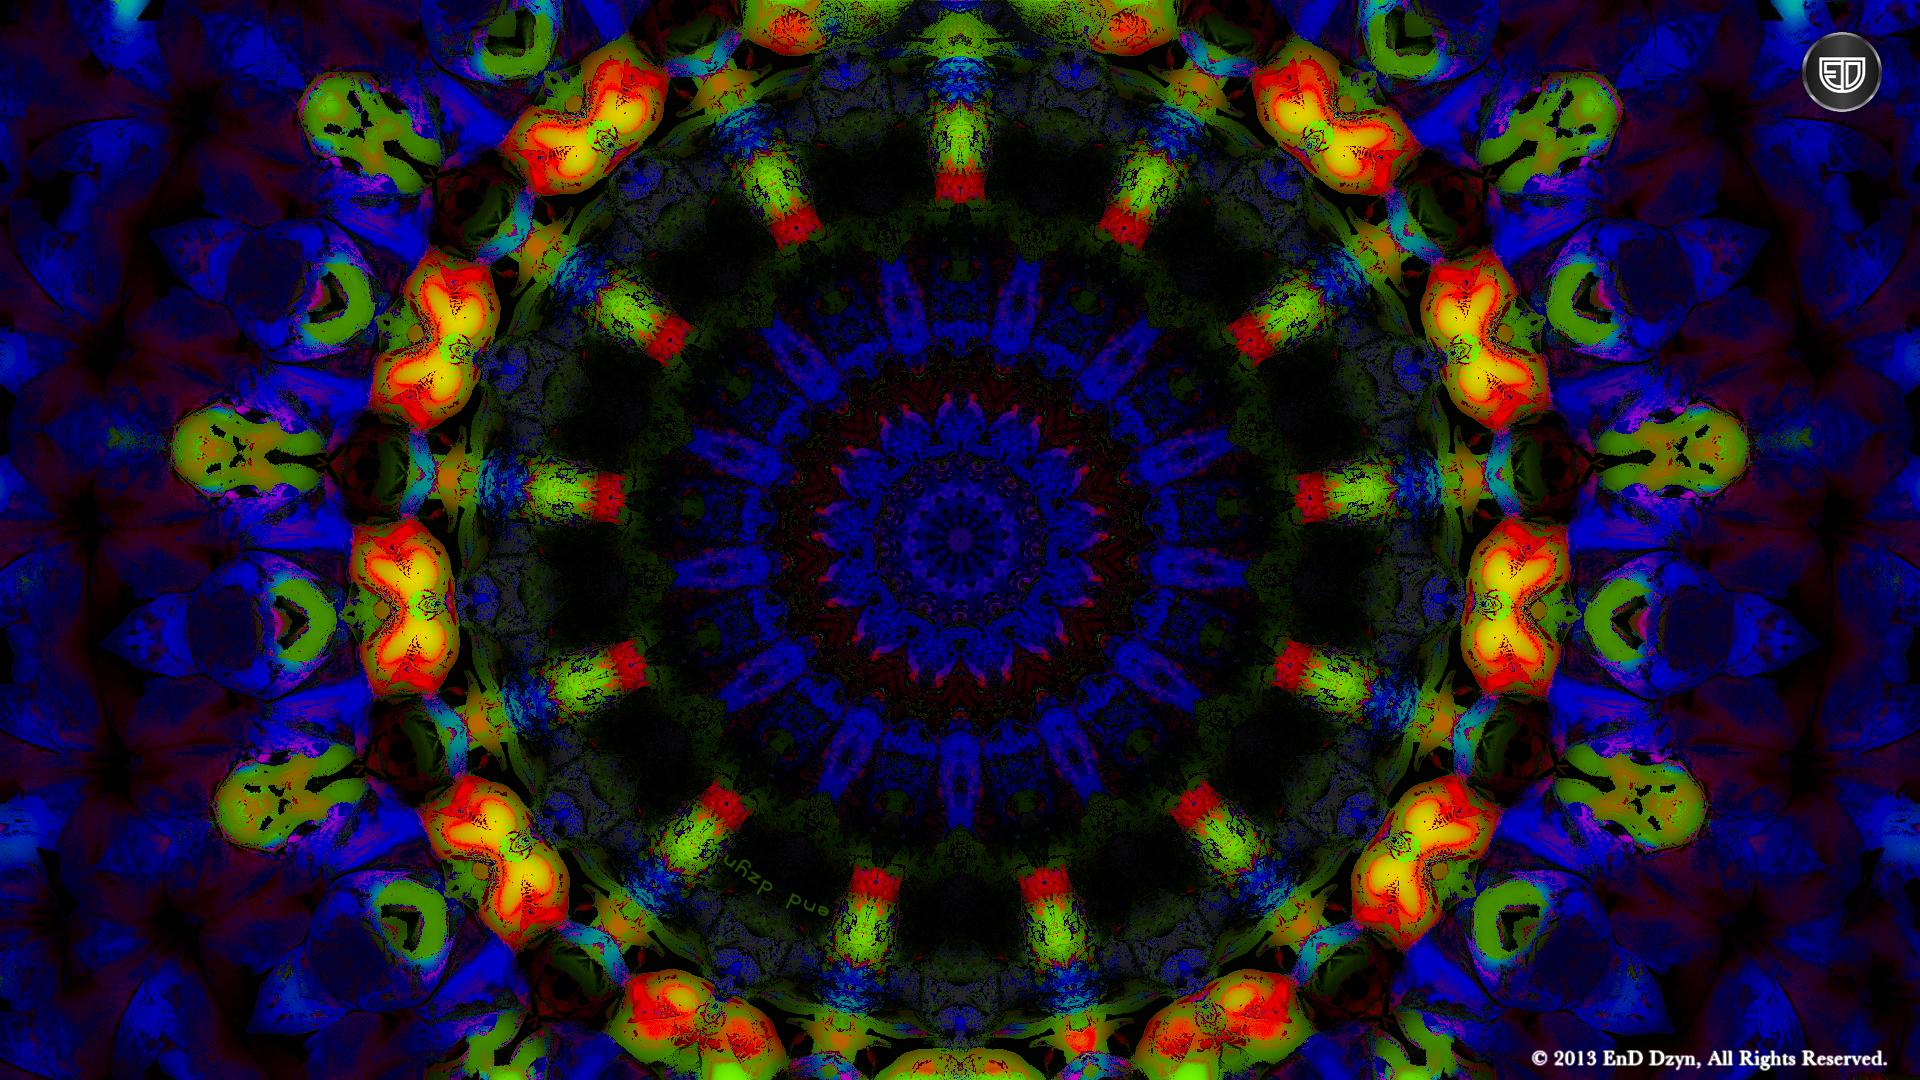 Wallpaper Blue Orange Trippy 3D Psychedelic HD Wallpaper 1920x1080